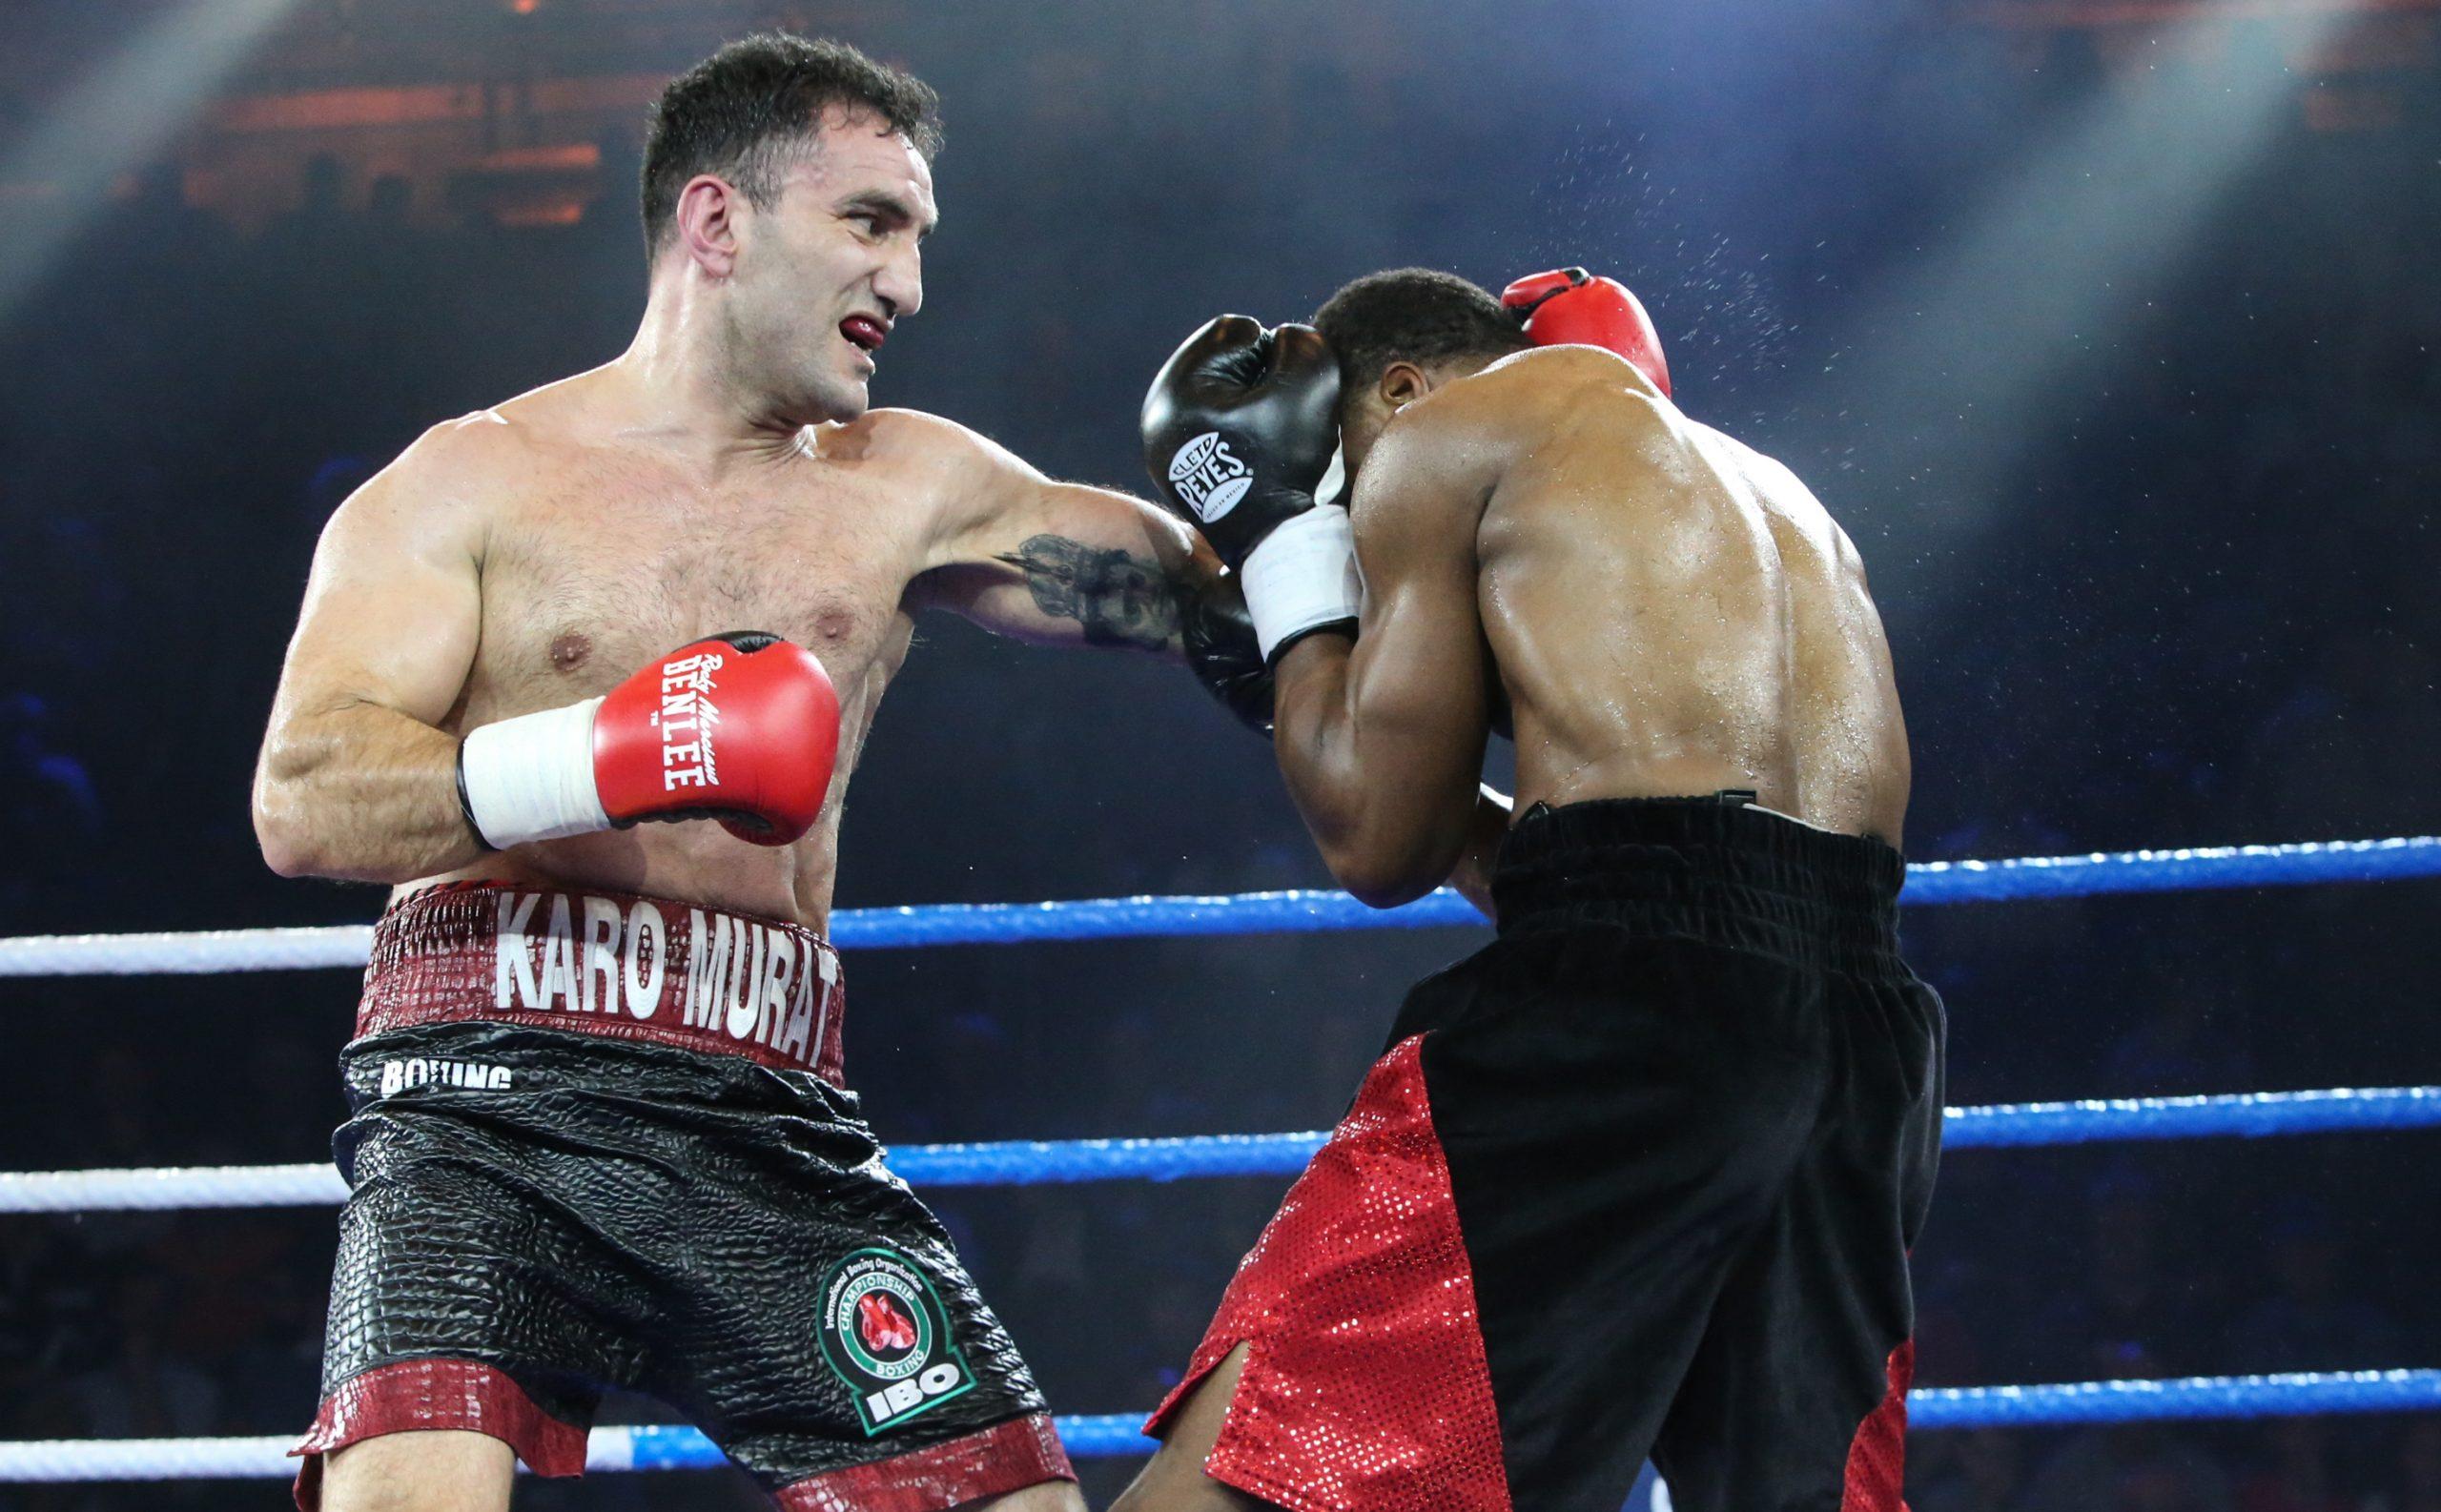 Corona schlägt zu: EC Boxing verlegt Kämpfe ins eigene Gym